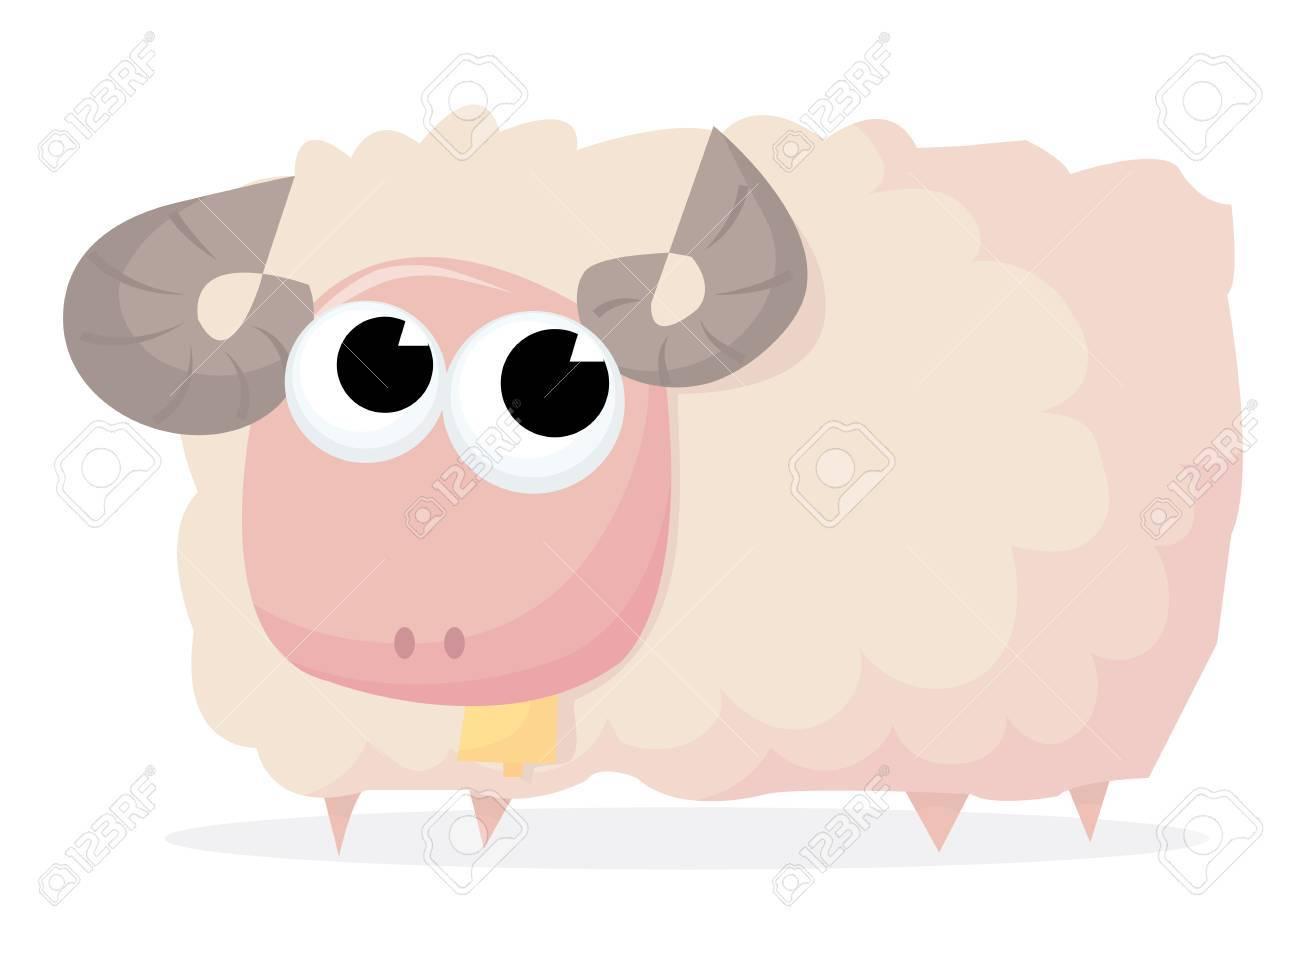 鈴漫画ベクトル イラストかわいいふわふわ羊ラムのイラスト素材